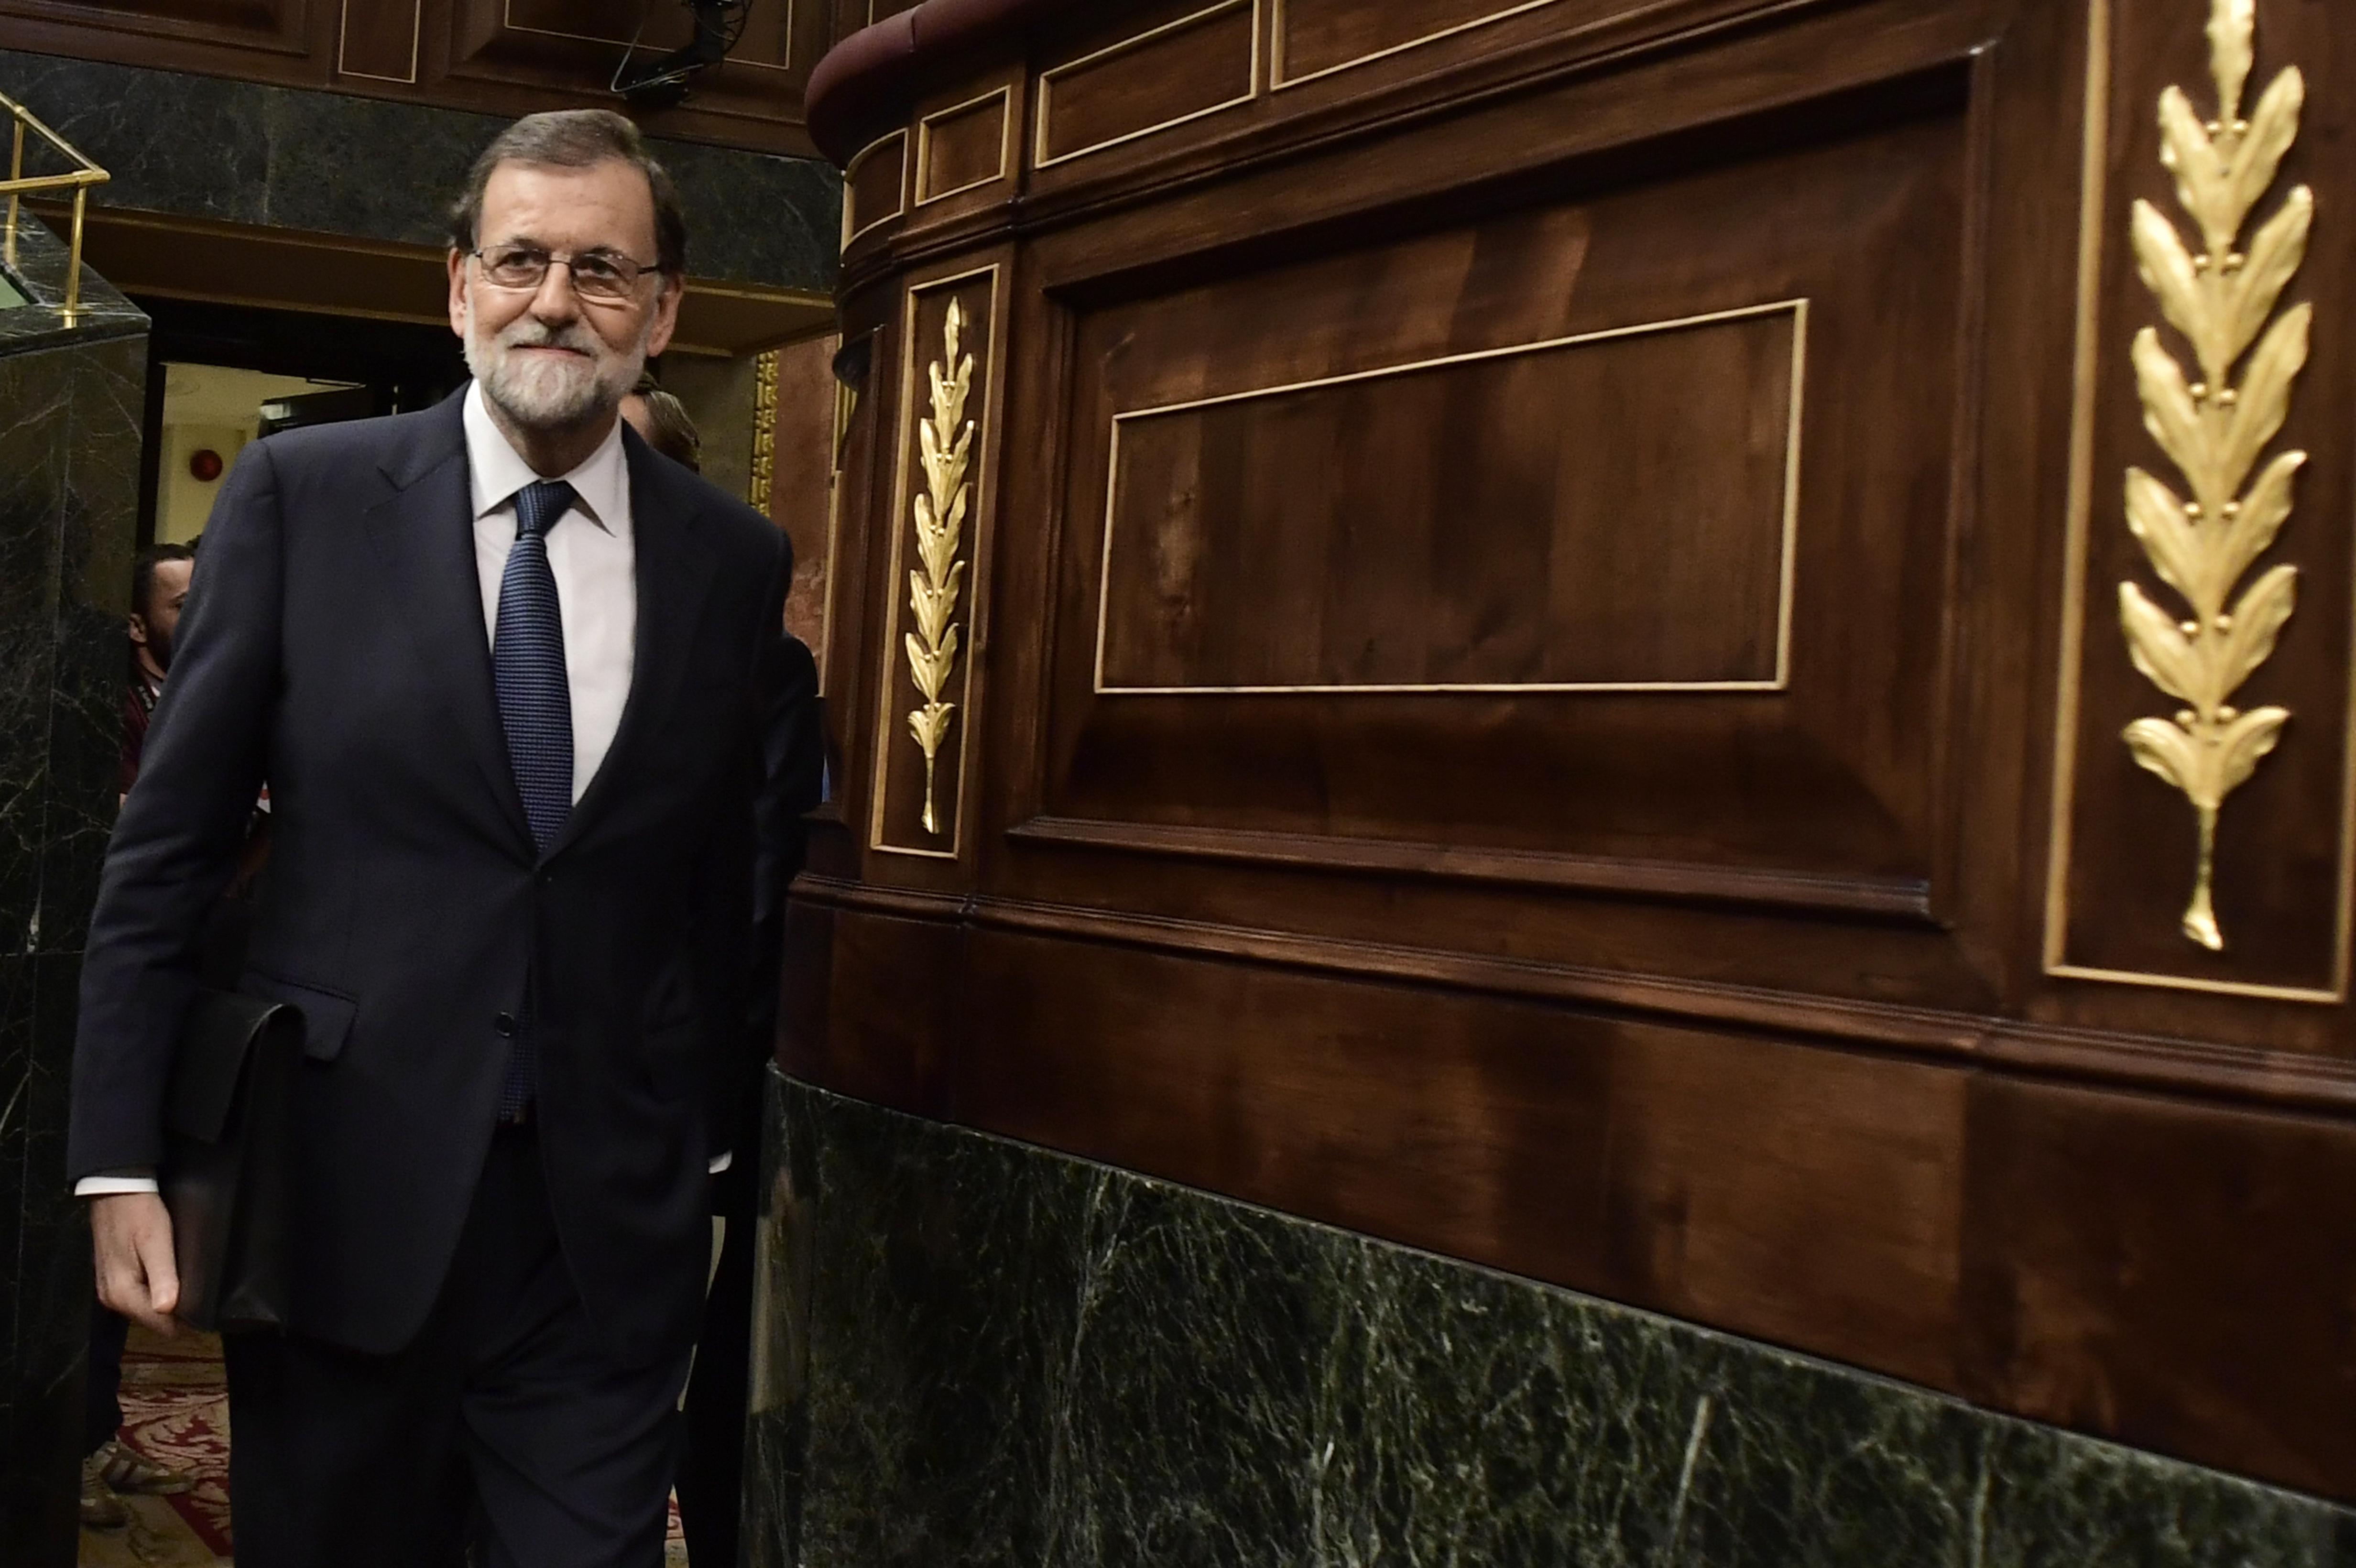 Öt napot kaptak a katalánok, hogy eldöntsék, kikiáltották-e függetlenségüket